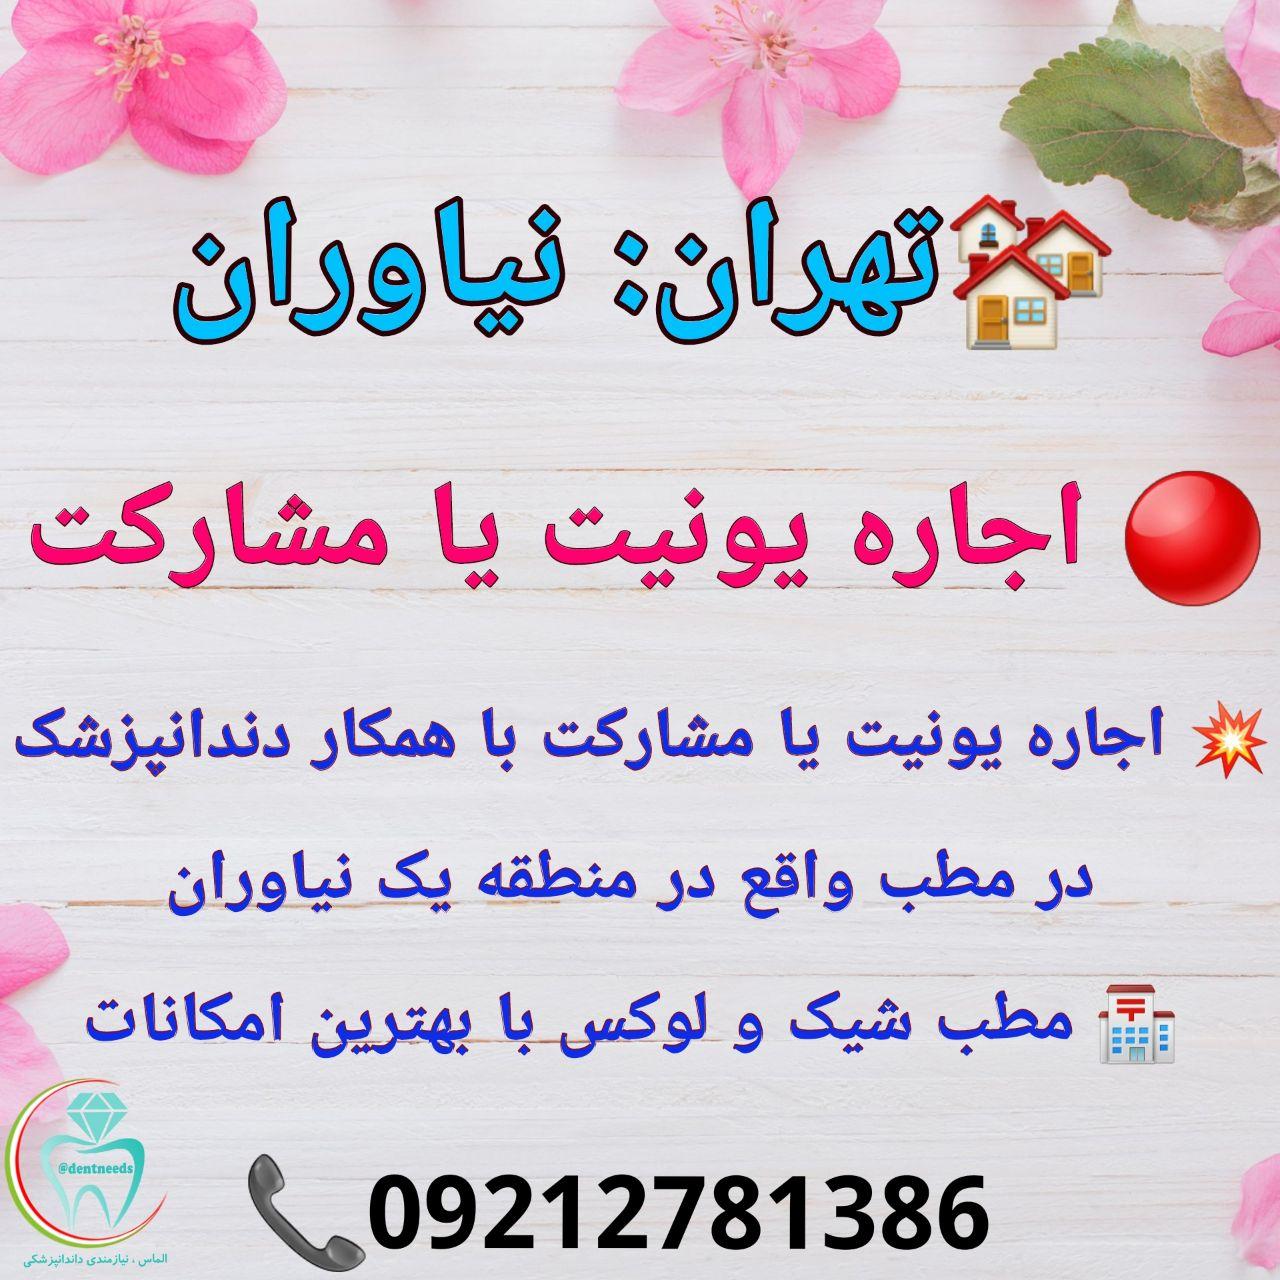 تهران: نیاوران، اجاره یونیت یا مشارکت